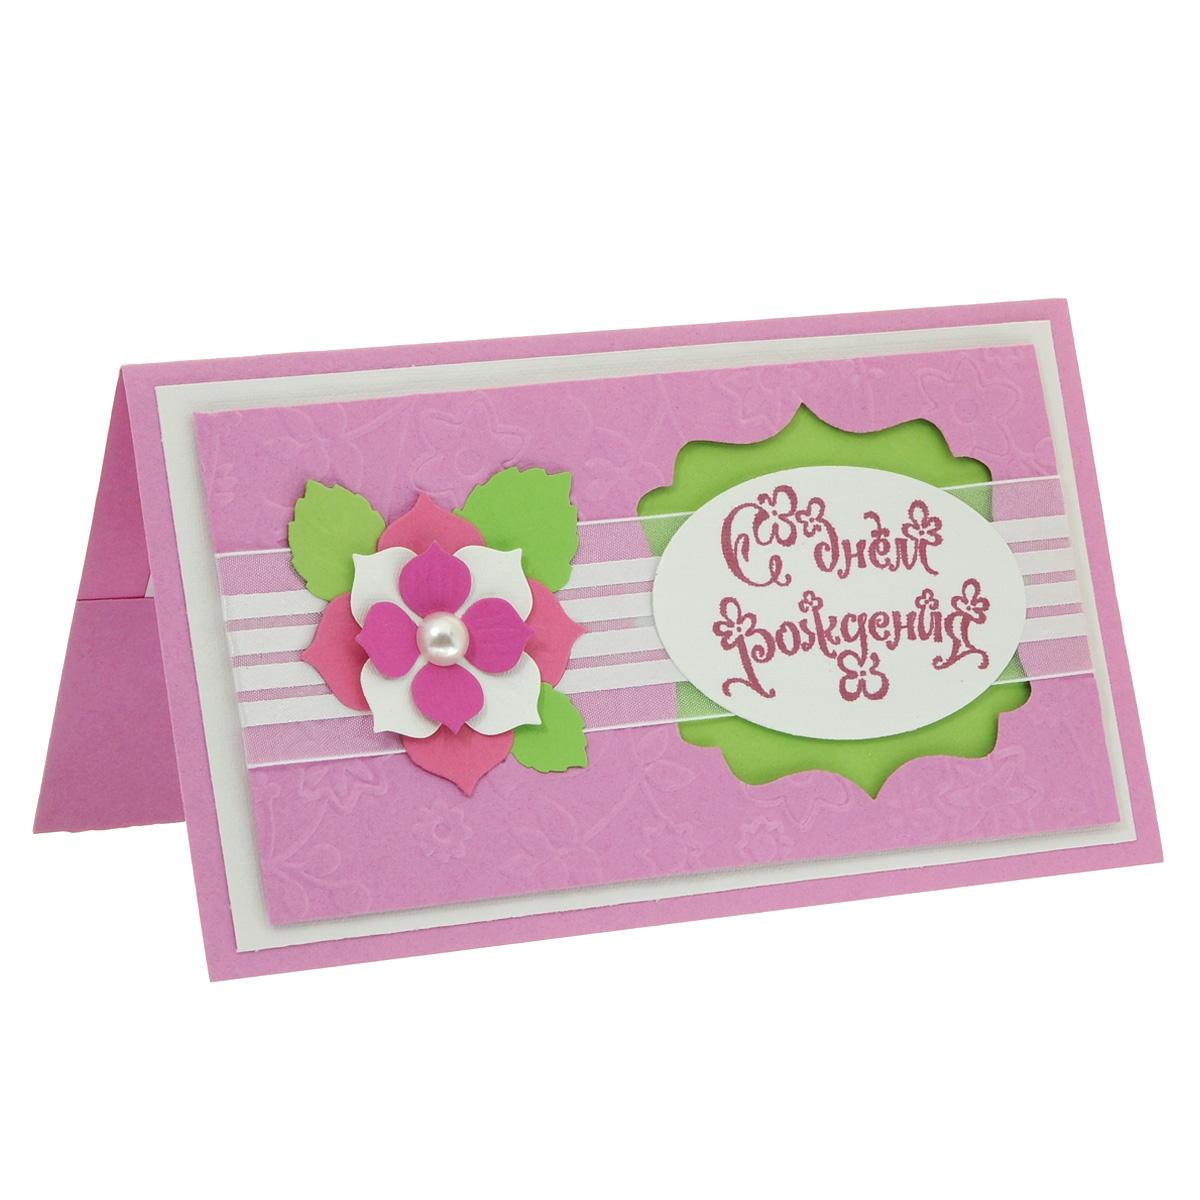 ОЖ-0014 Открытка-конверт «С Днём Рождения!». Студия «Тётя Роза»2002783Характеристики: Размер 19 см x 11 см.Материал: Высоко-художественный картон, бумага, декор. Данная открытка может стать как прекрасным дополнением к вашему подарку, так и самостоятельным подарком. Так как открытка является и конвертом, в который вы можете вложить ваш денежный подарок или просто написать ваши пожелания на вкладыше. Выразительный стиль этого поздравления создан сочетанием ярких розово-зеленых контрастов. Надпись располагается поверх изящного окошка в фоновом поле открытки. Текстурный рельеф и атласная лента дополняют общий декор. Также открытка упакована в пакетик для сохранности.Обращаем Ваше внимание на то, что открытка может незначительно отличаться от представленной на фото. Открытки ручной работы от студии Тётя Роза отличаются своим неповторимым и ярким стилем. Каждая уникальна и выполнена вручную мастерами студии. (Открытка для мужчин, открытка для женщины, открытка на день рождения, открытка с днем свадьбы, открытка винтаж, открытка с юбилеем, открытка на все случаи, скрапбукинг)